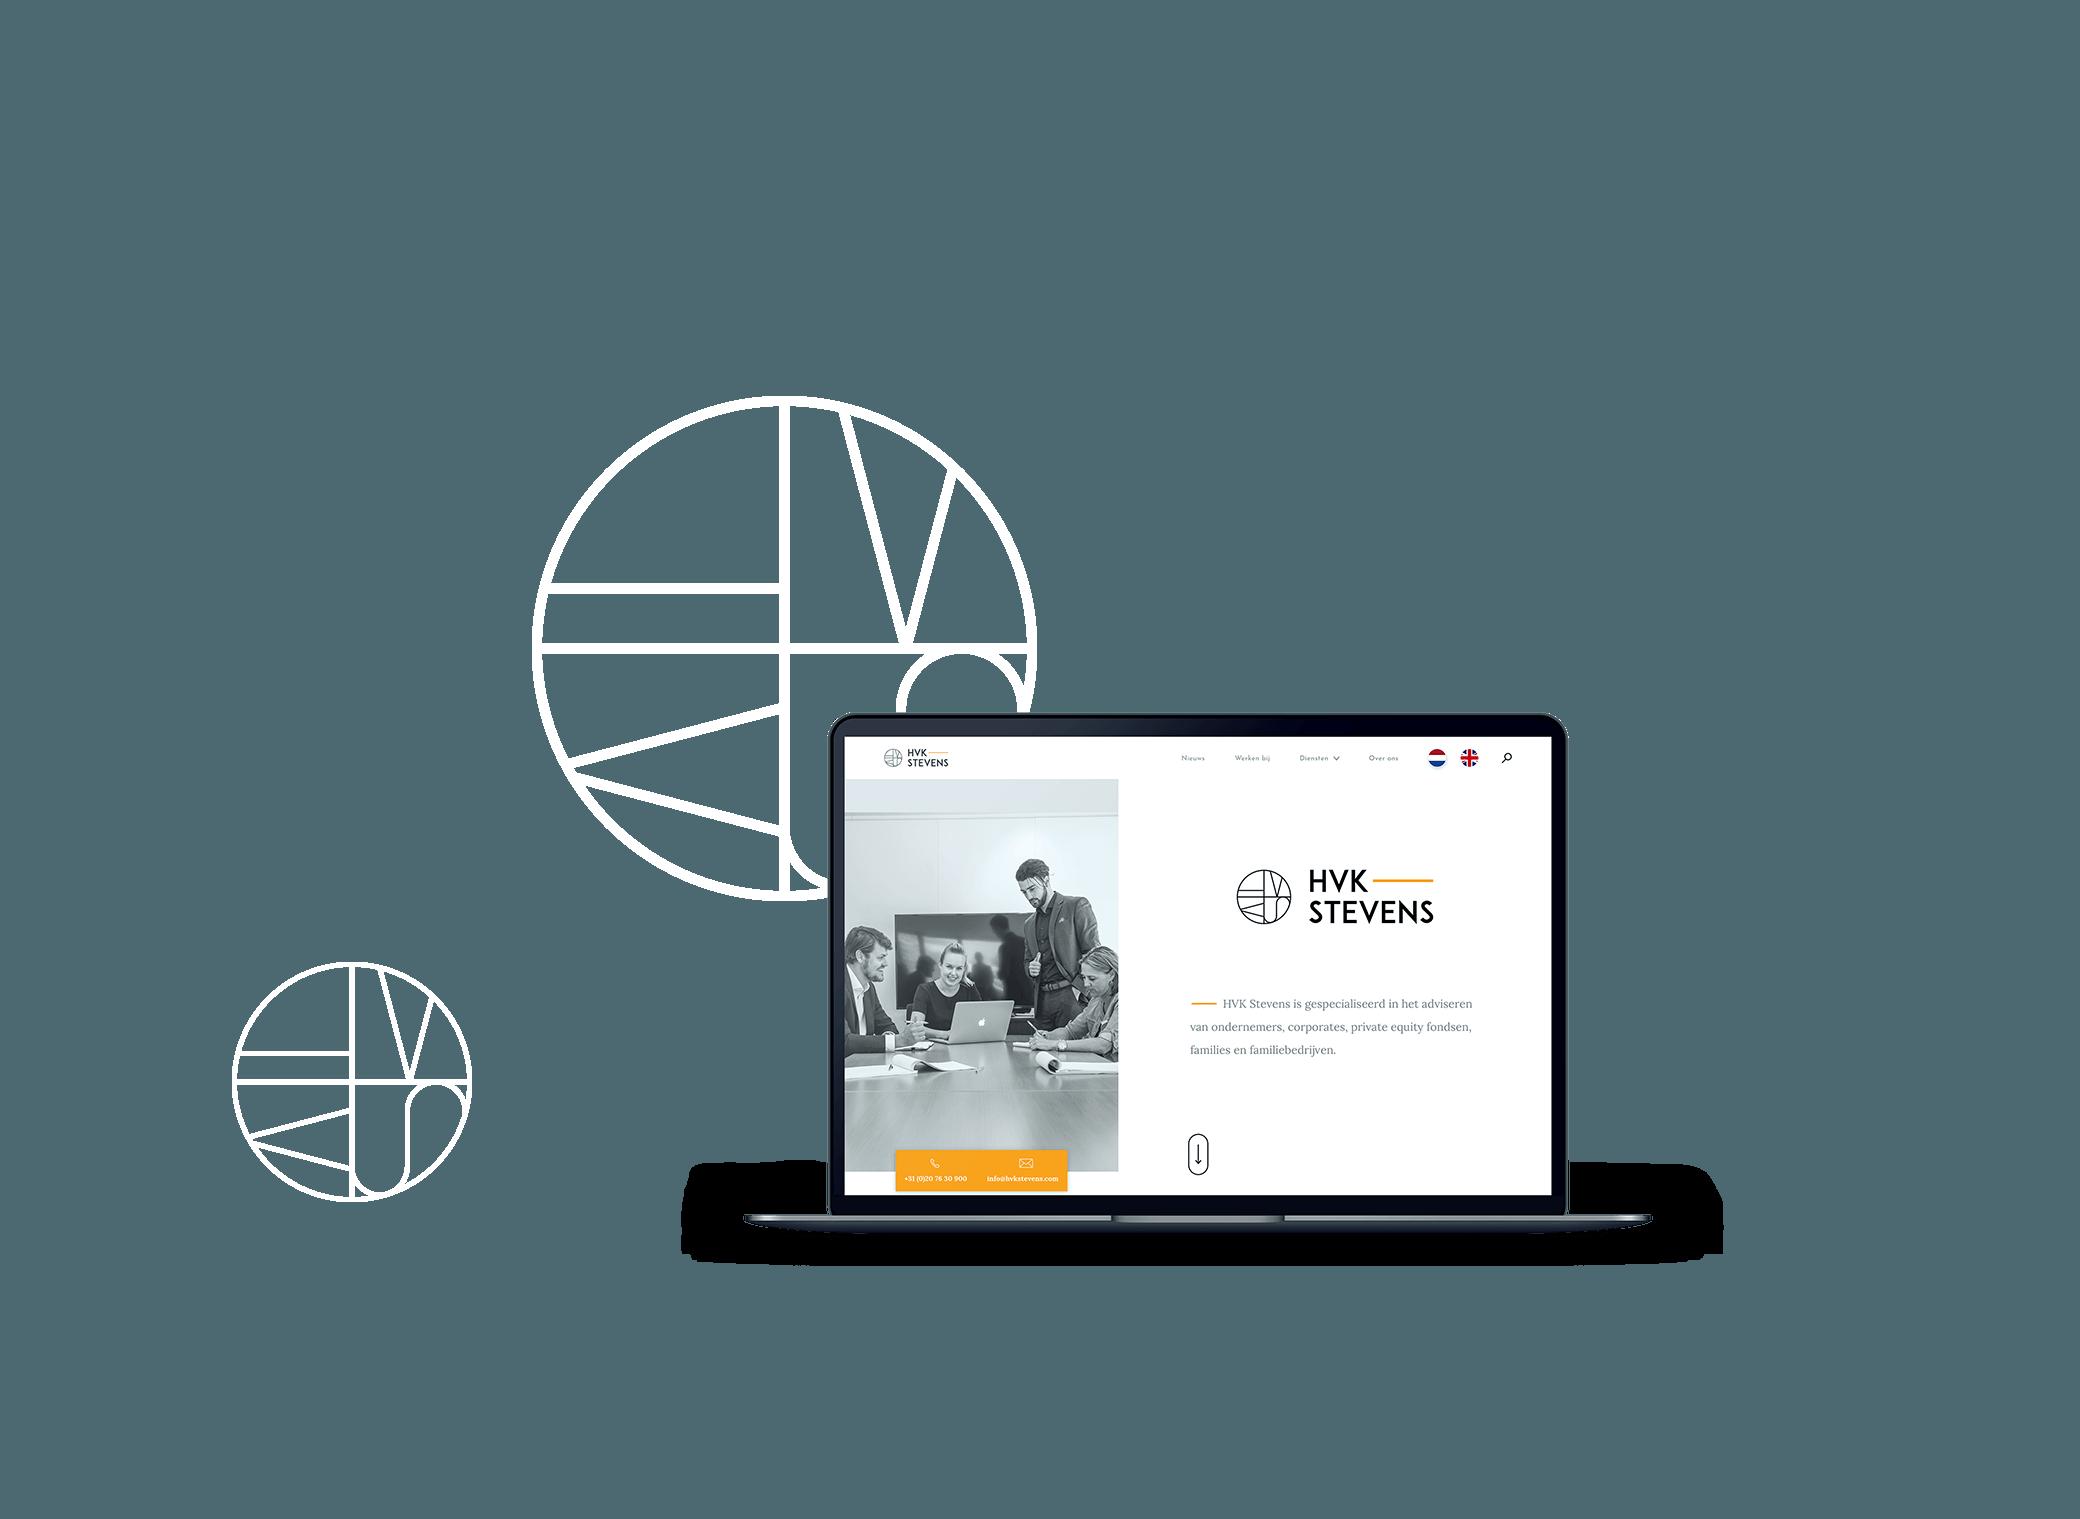 HVK Stevens website weergegeven op een MacBook